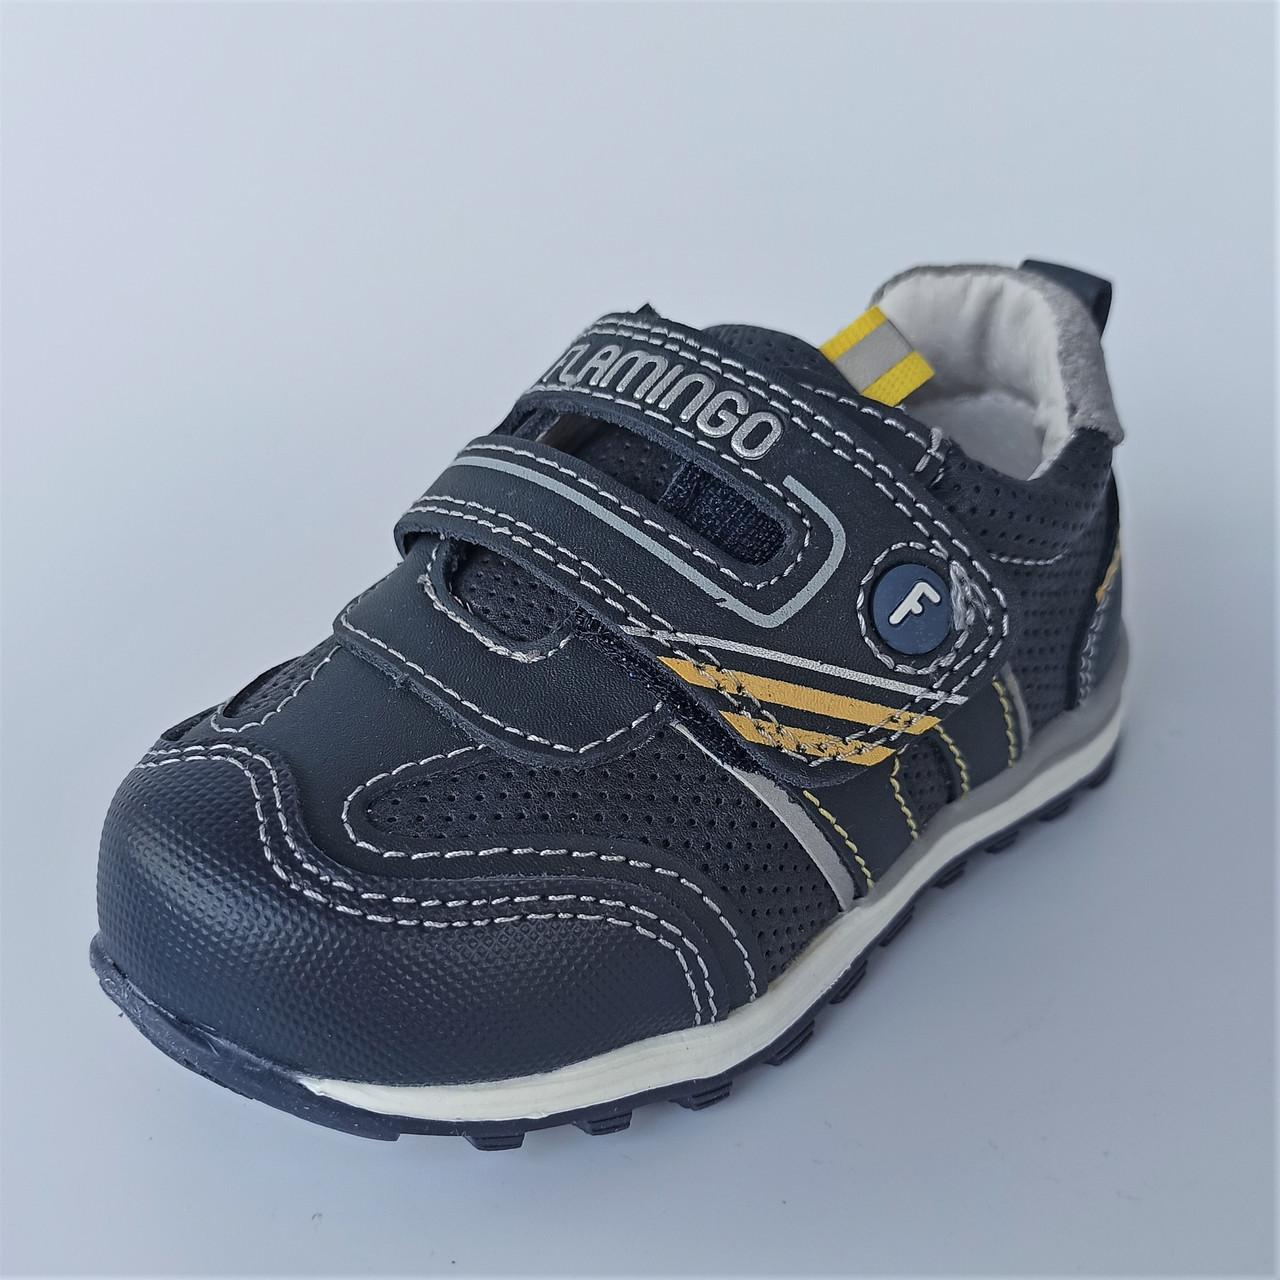 Кроссовки-ботинки, Flamingo (код 1307) размеры: 22-27